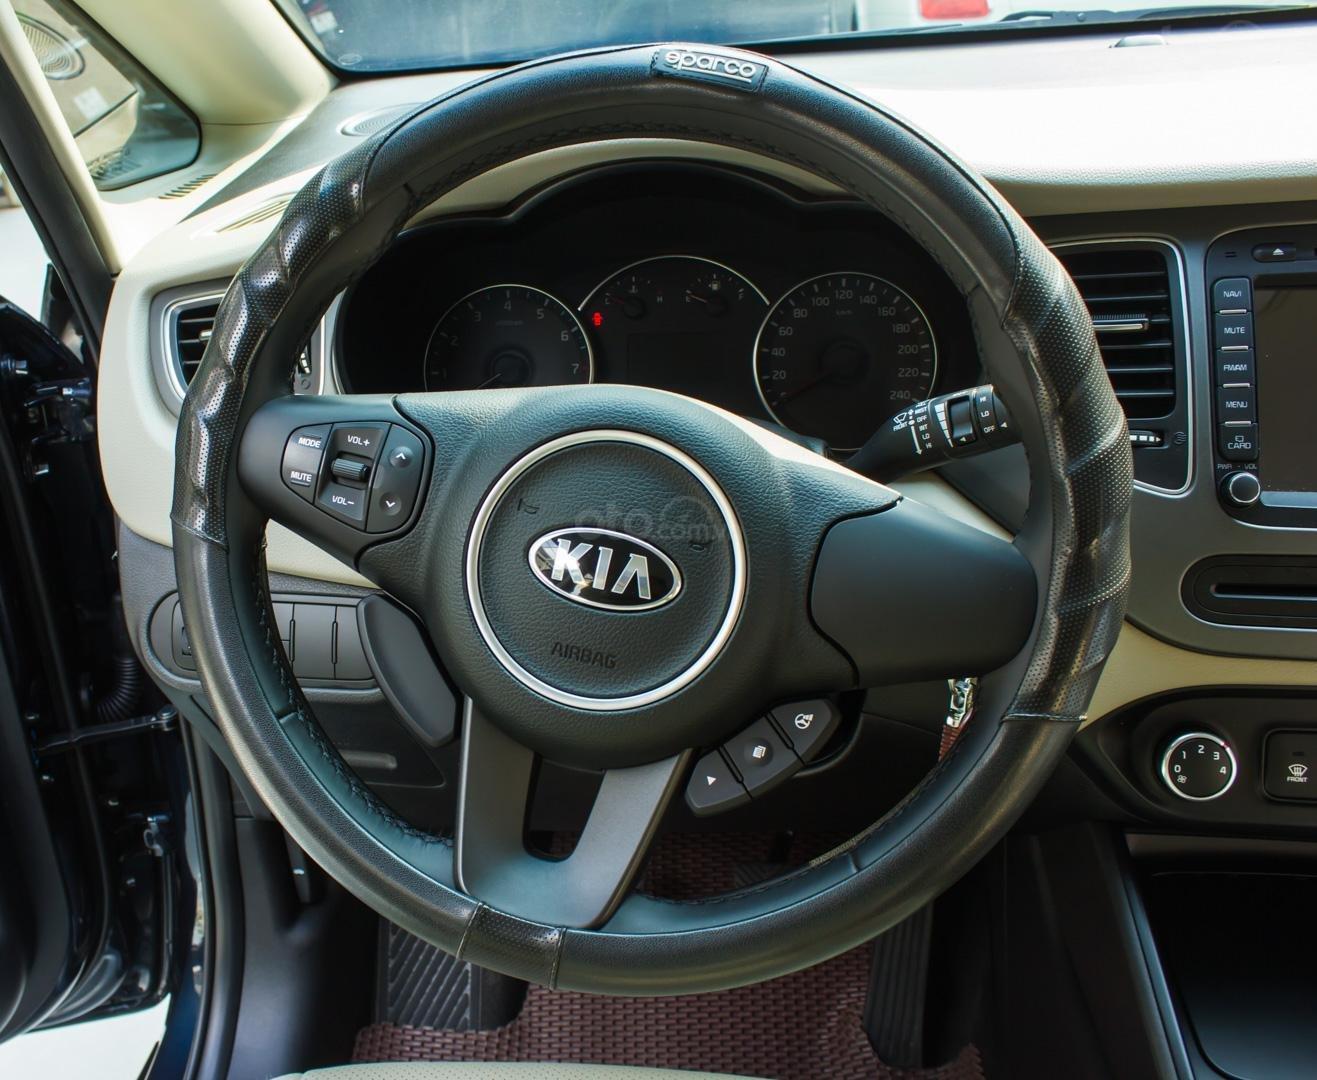 Bán xe Kia Rondo số sàn, màu xanh dương, một chủ cực đẹp mới như xe hãng (9)